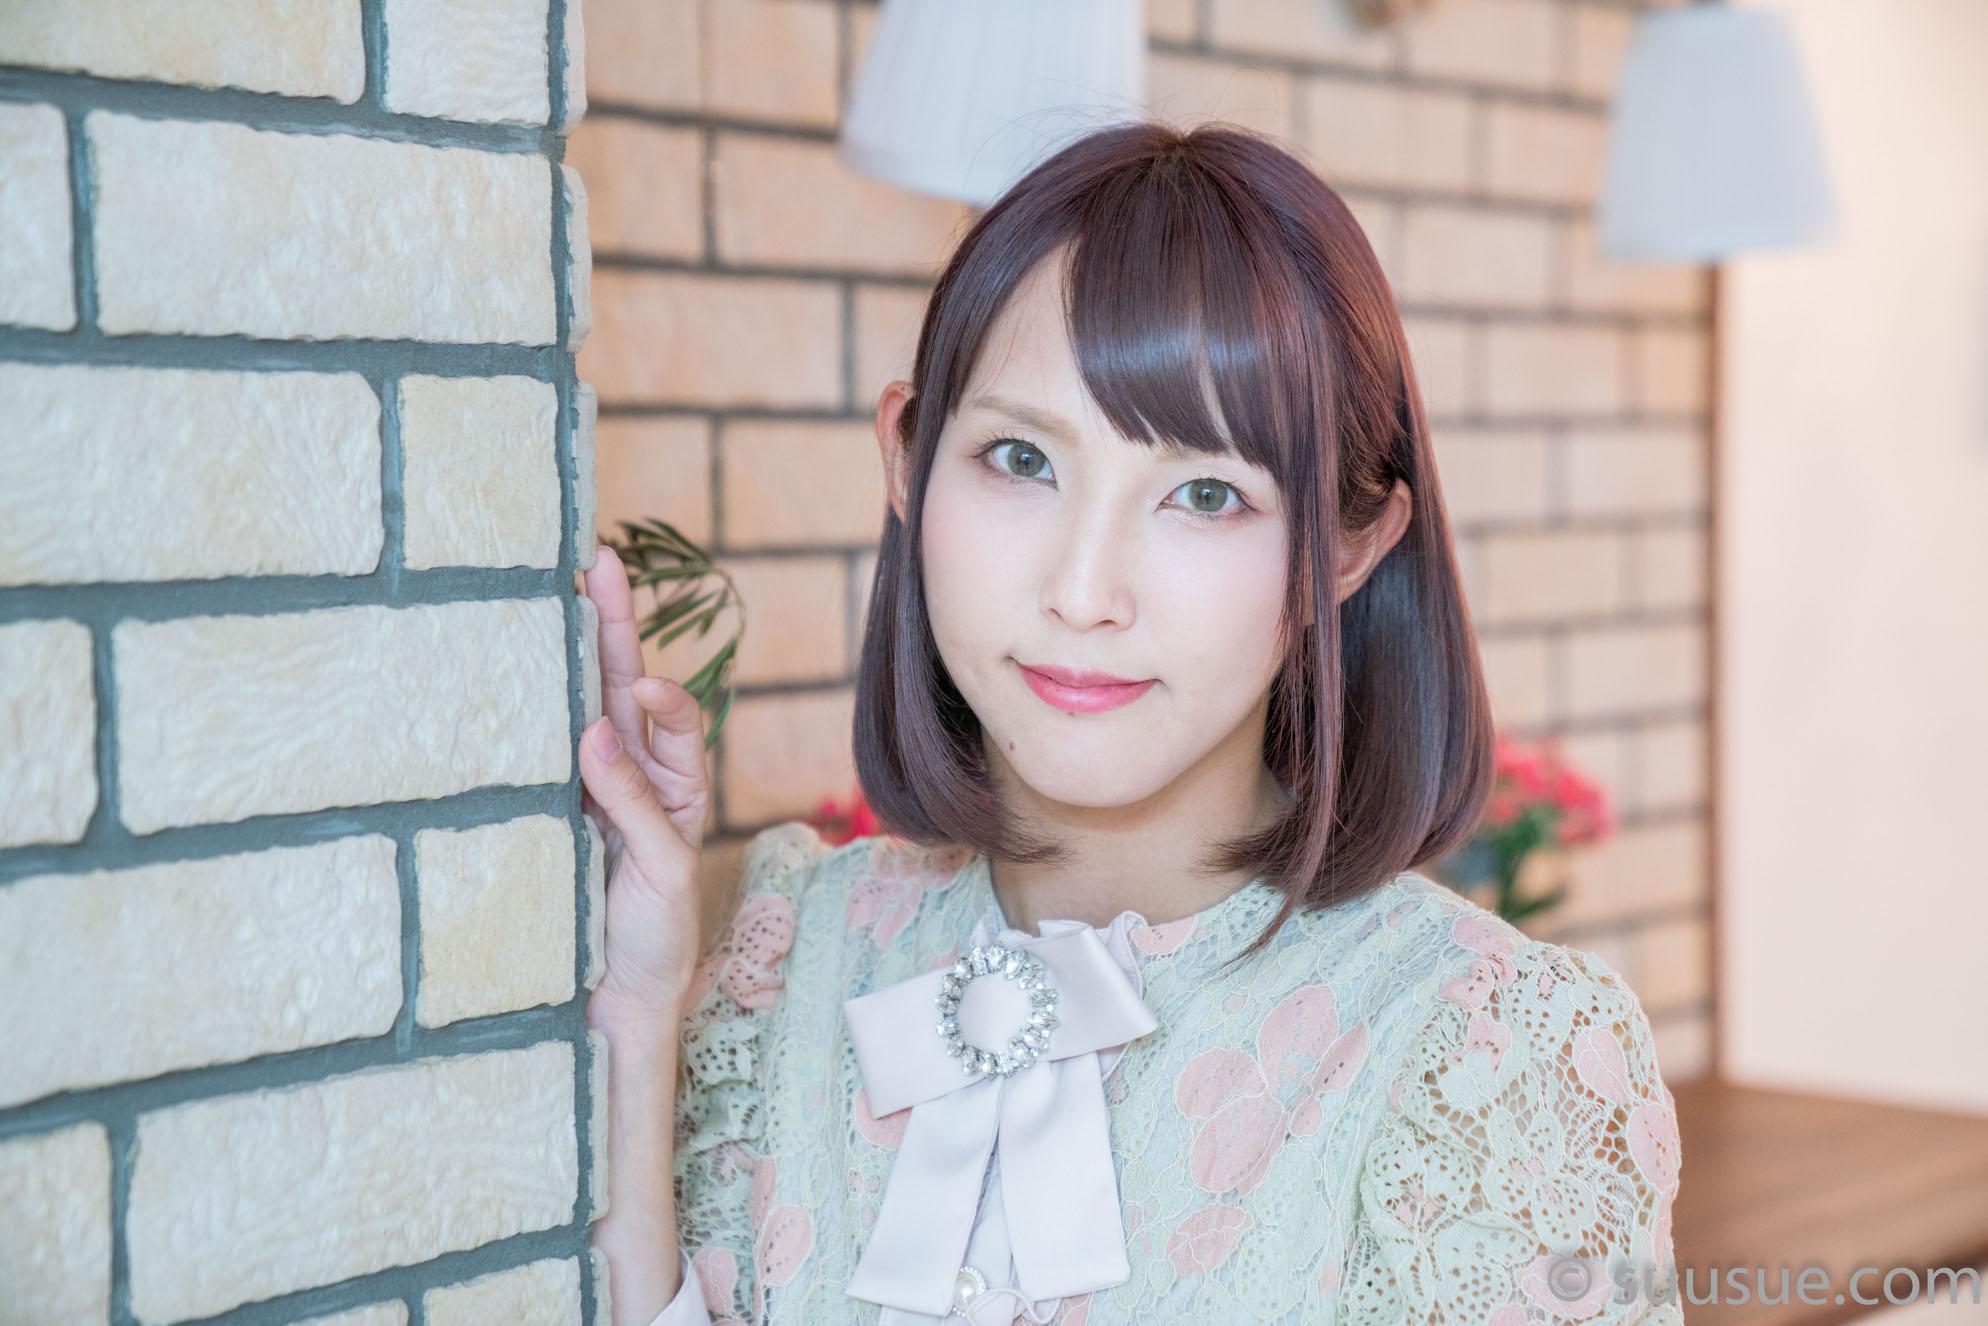 ピノ 2019/06/29 マシュマロ撮影会